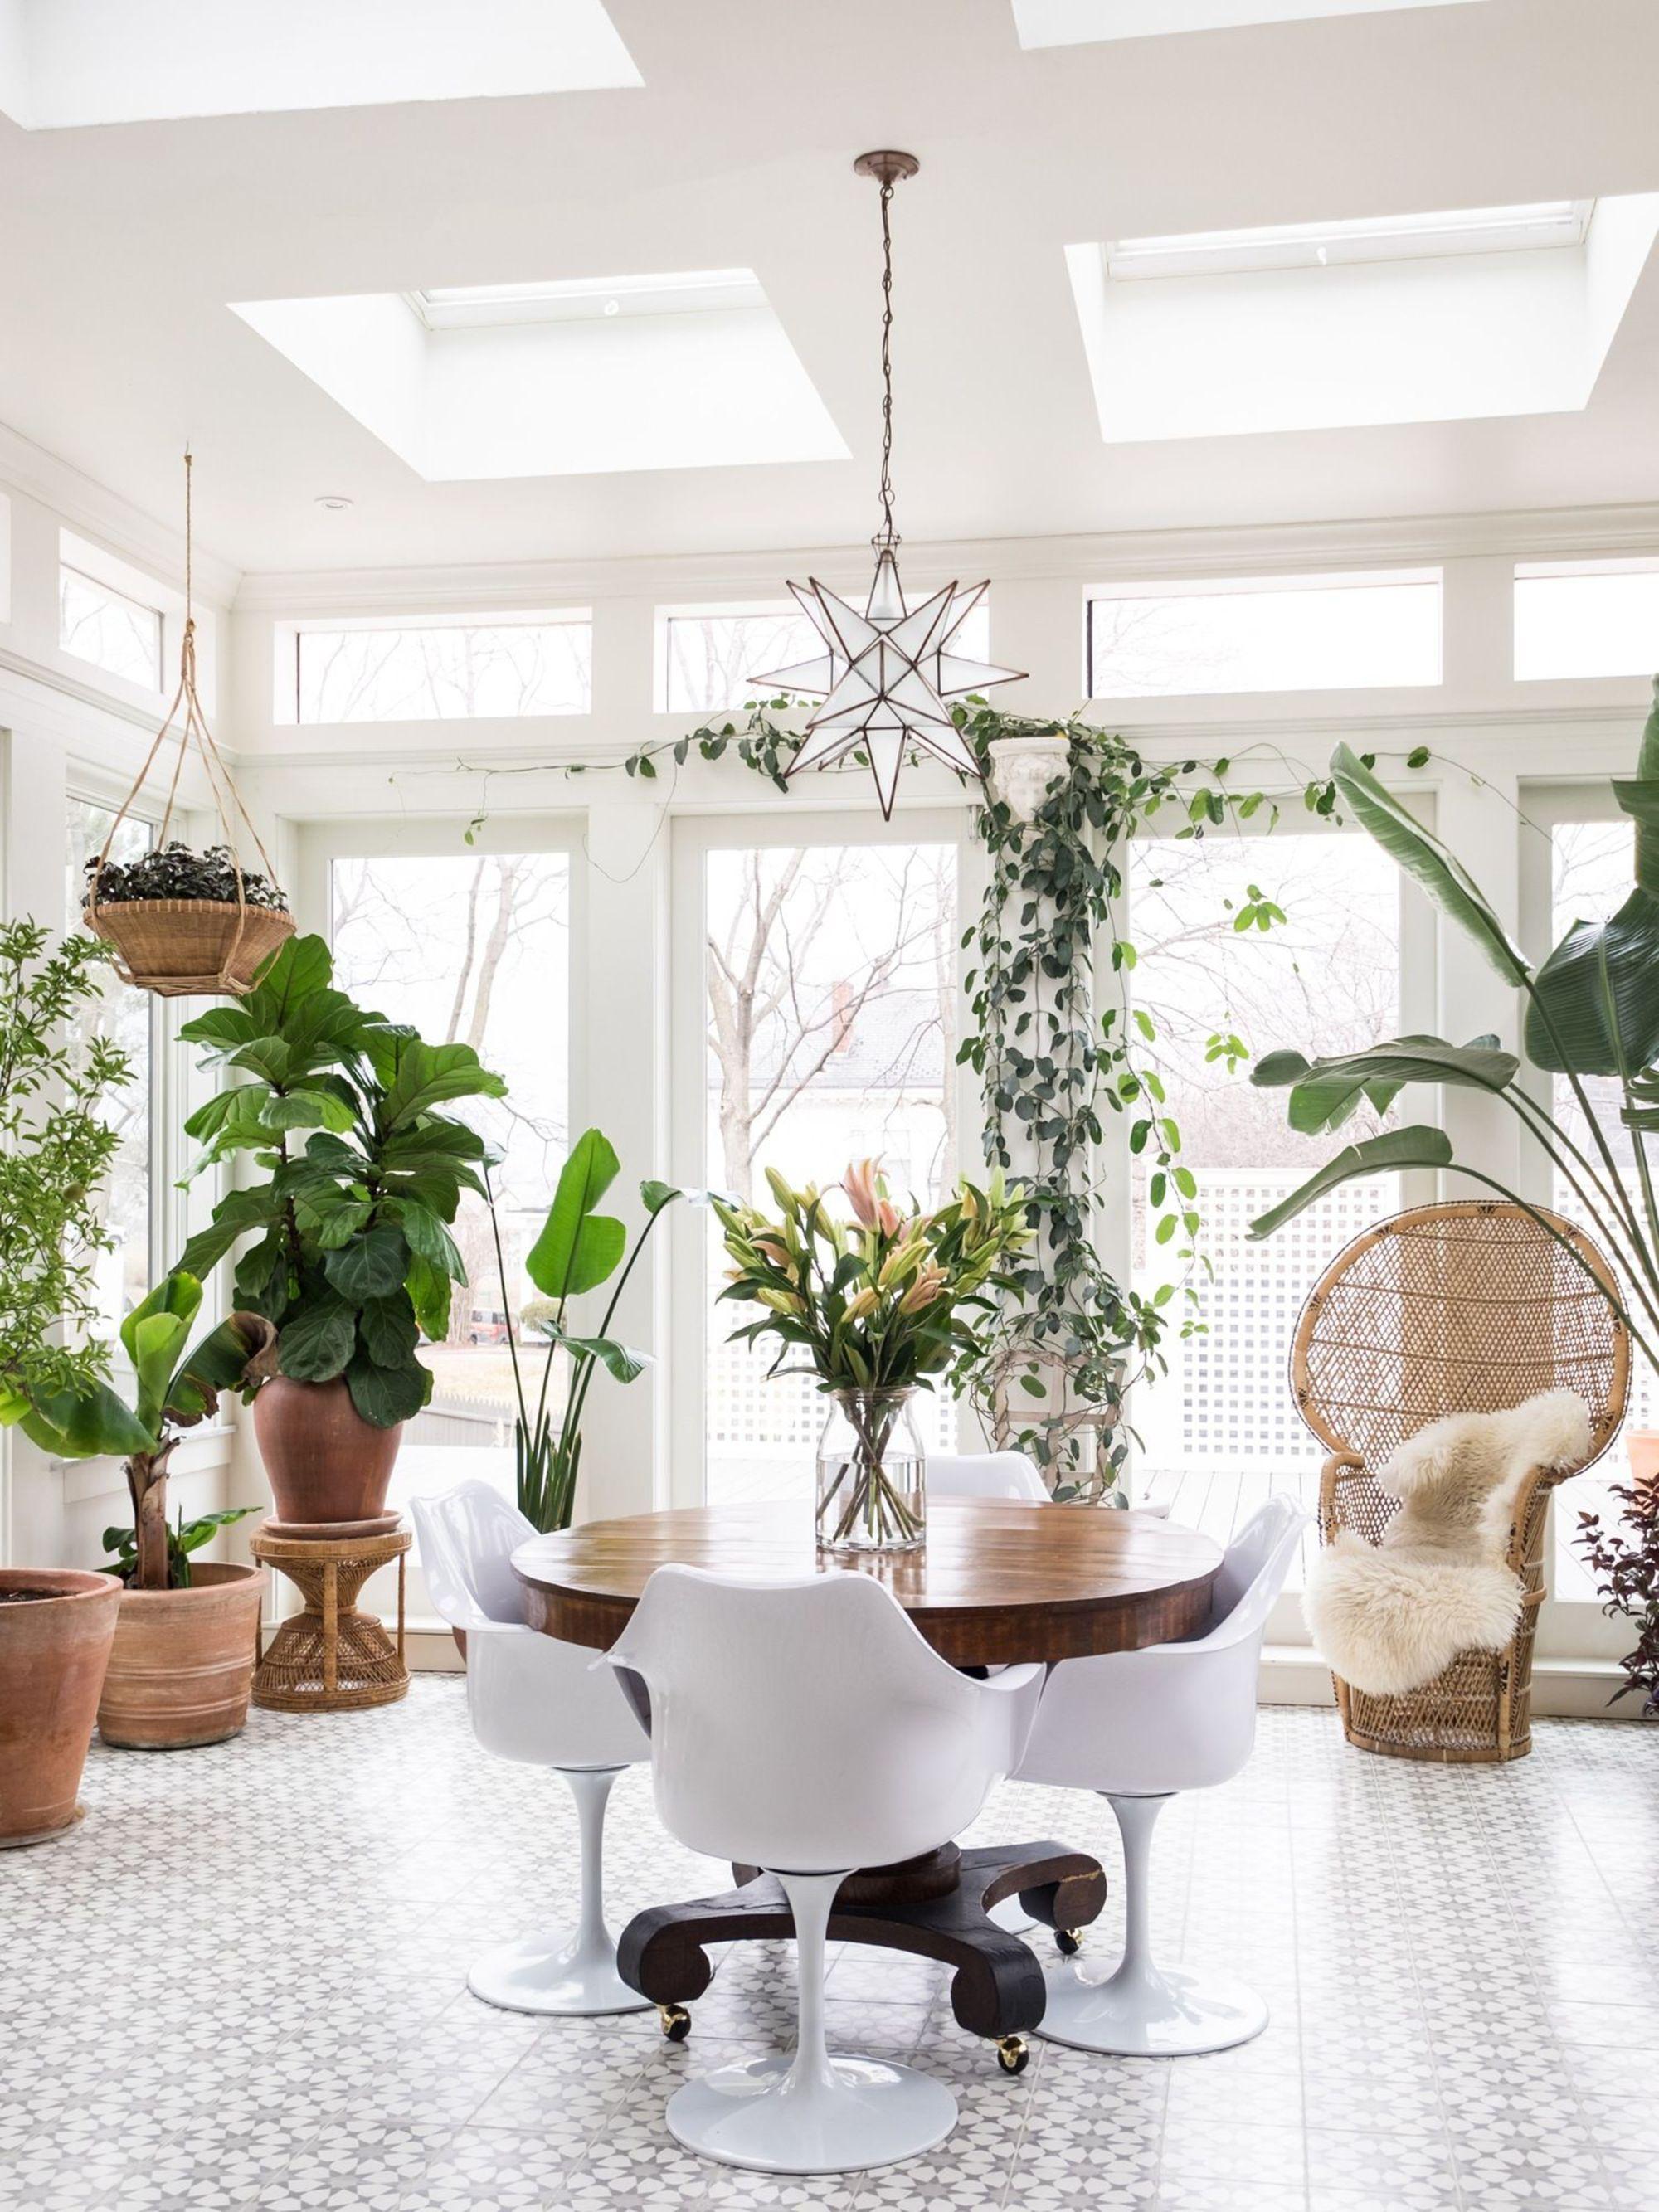 Deco Veranda Interieur idée déco : une véranda dans la maison   une hirondelle dans